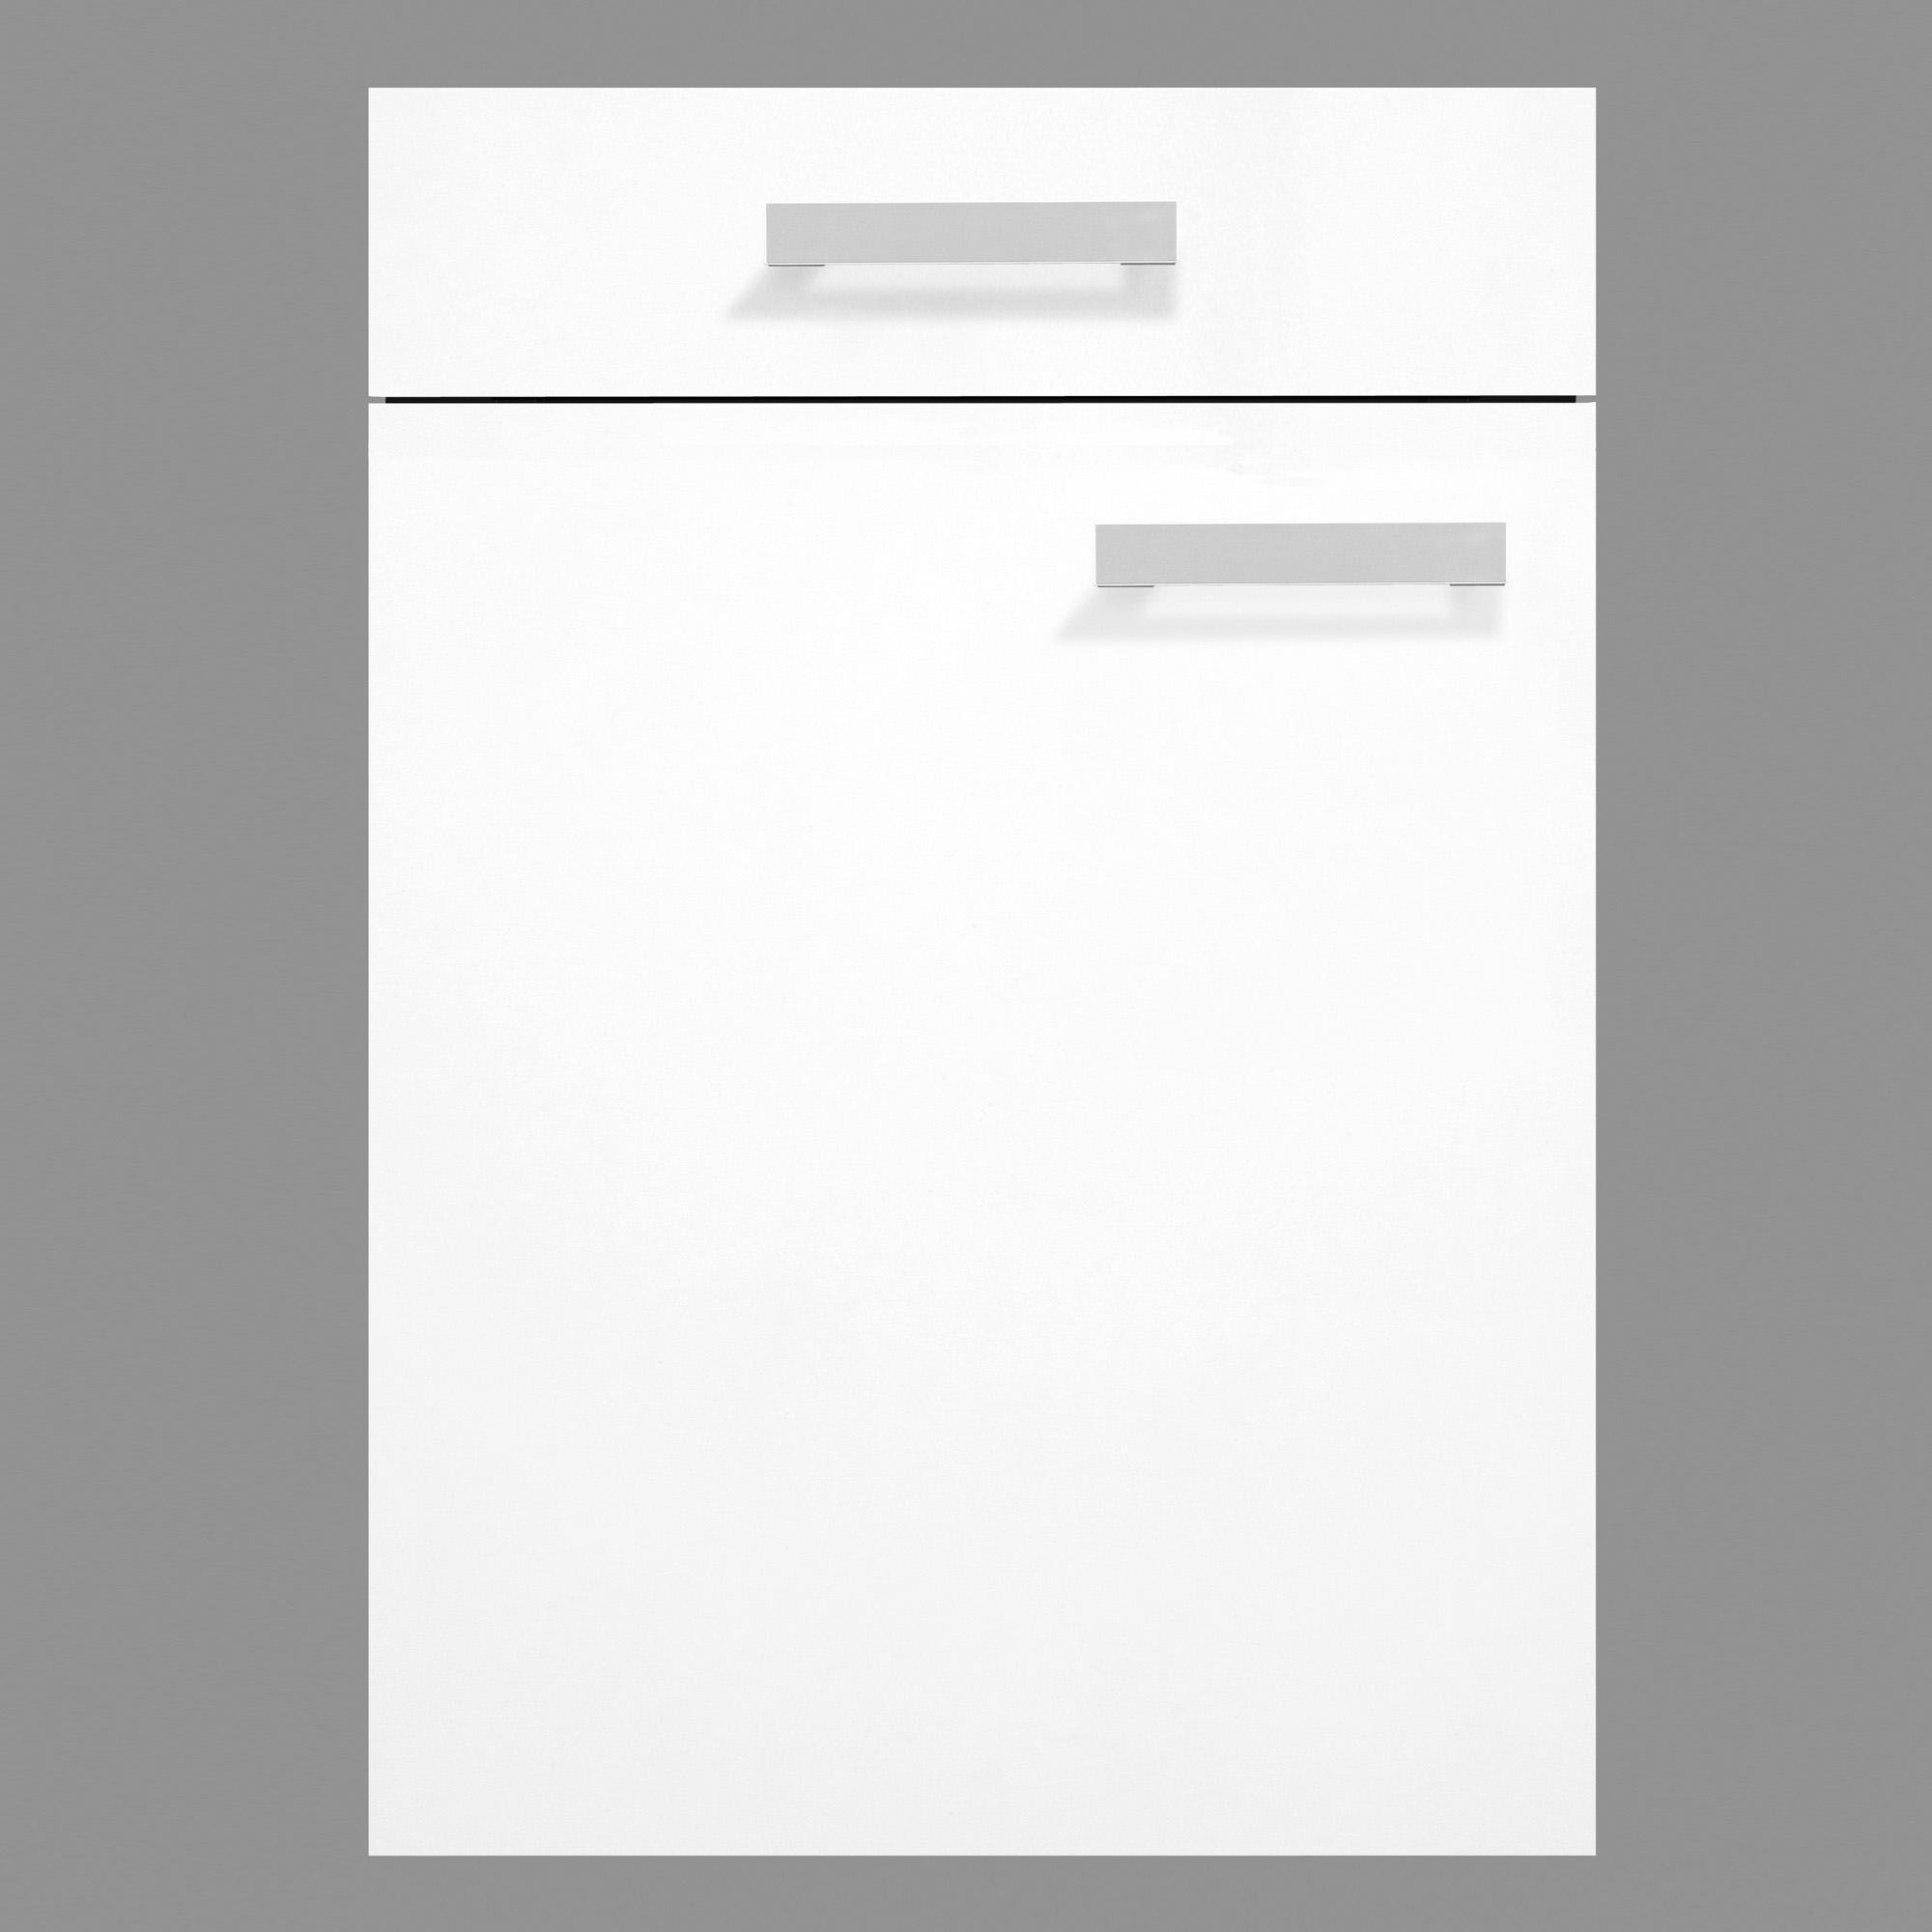 Full Size of Kchen Unterschrank Barcelona Ohne Arbeitsplatte 2 Trig 100 Wandsticker Küche Finanzieren Elektrogeräte Wellmann Deckenlampe Thekentisch Eckschrank Wohnzimmer Unterschrank Küche Ohne Arbeitsplatte